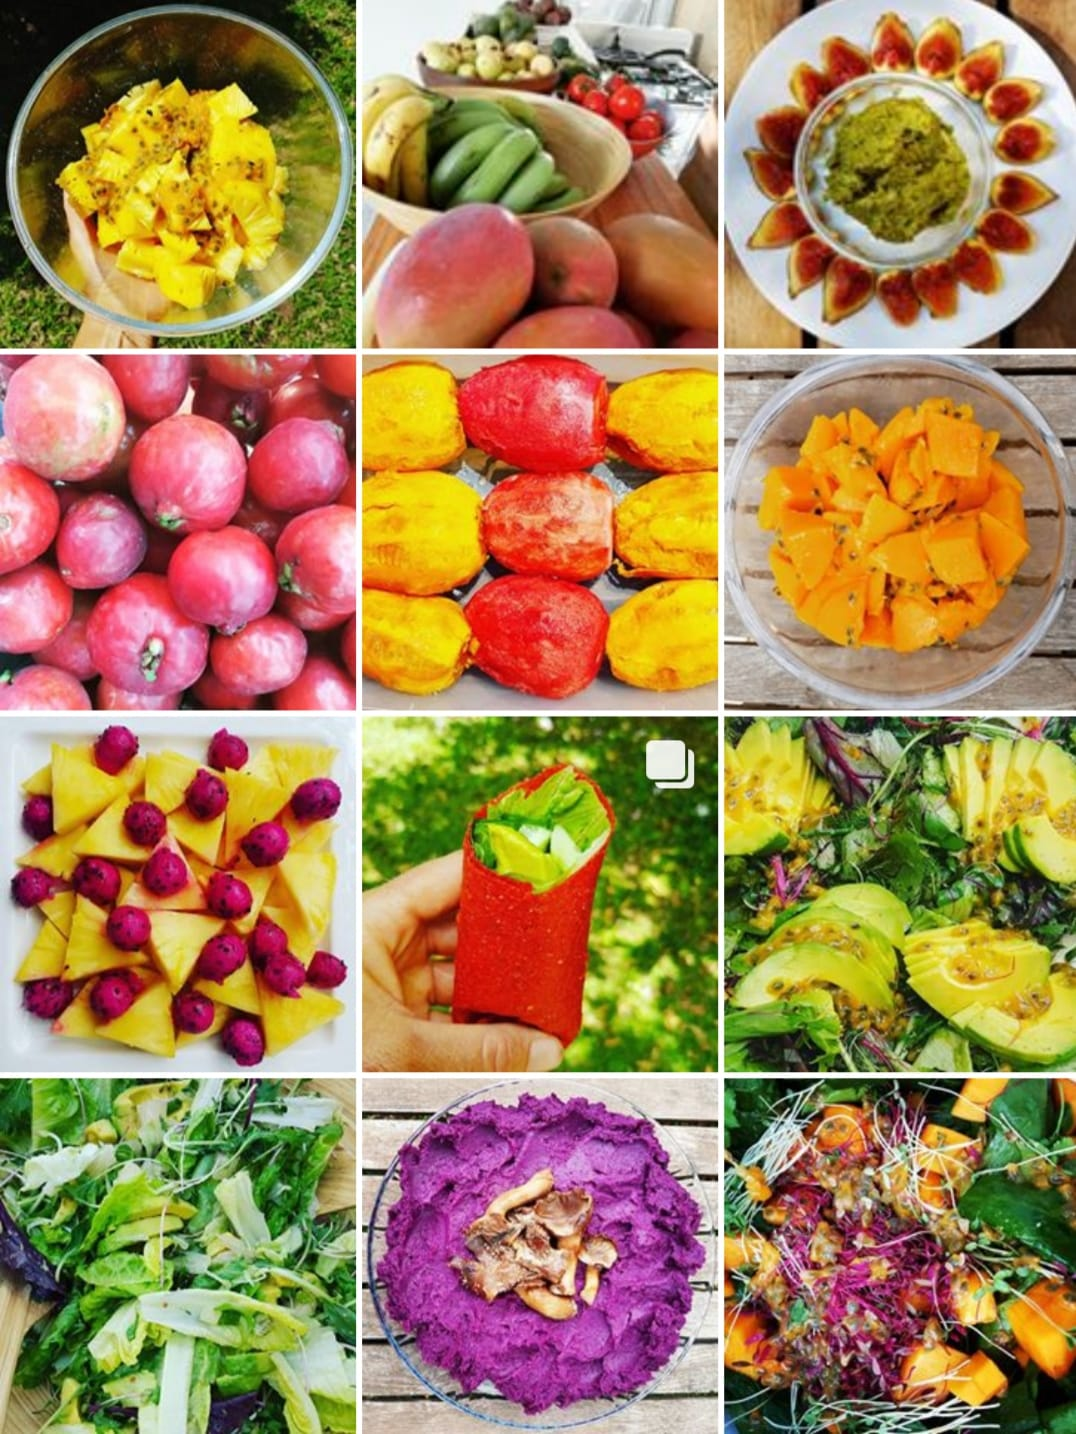 פירות שונים והמעדנים שניתן להכין מהם. צילום: ענת רשף-גלעד